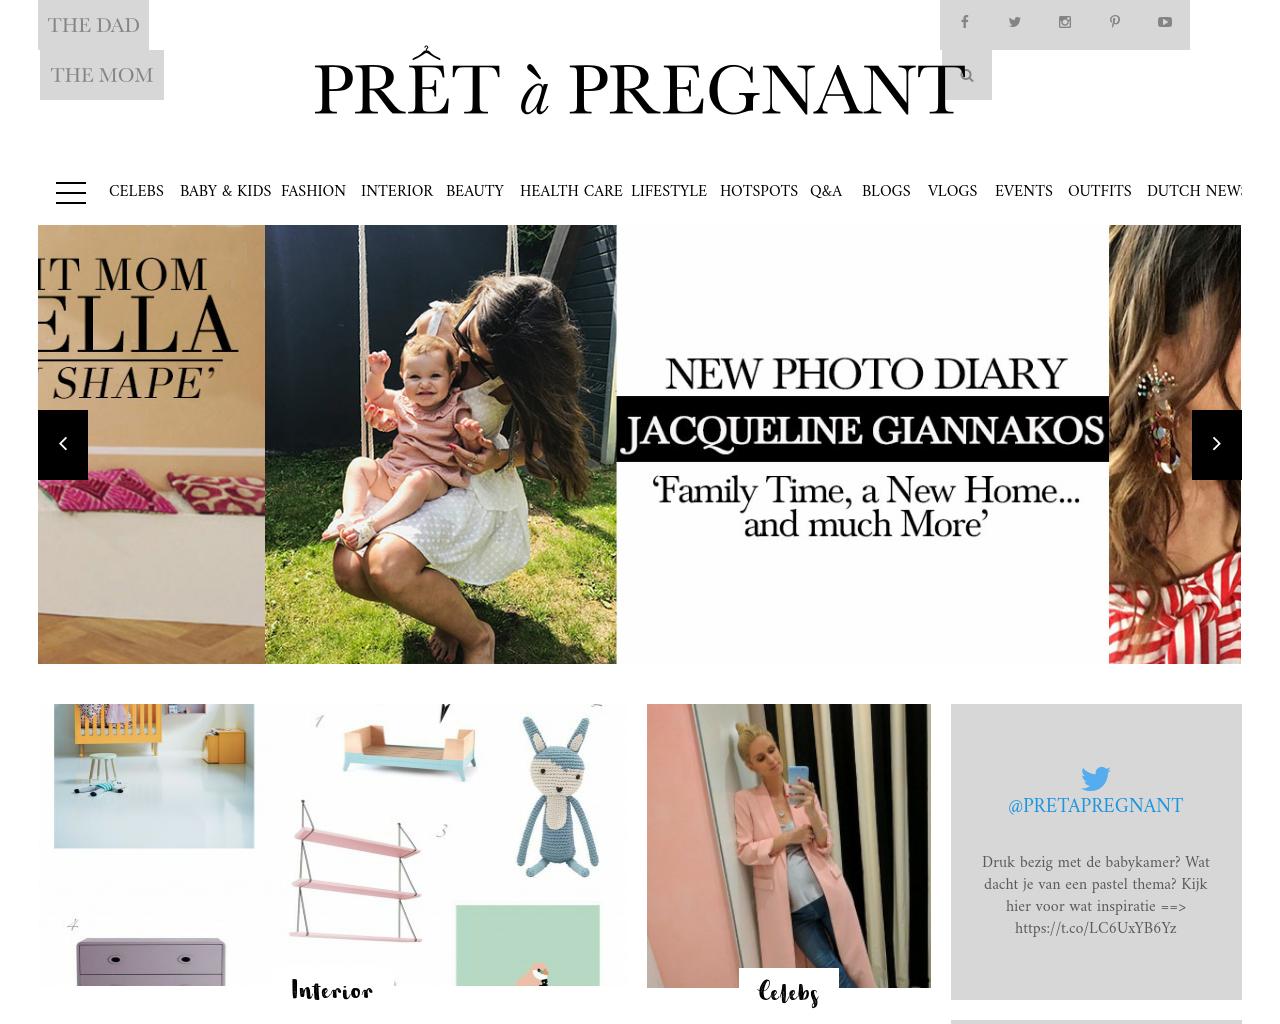 Pretapregnant.com-Advertising-Reviews-Pricing